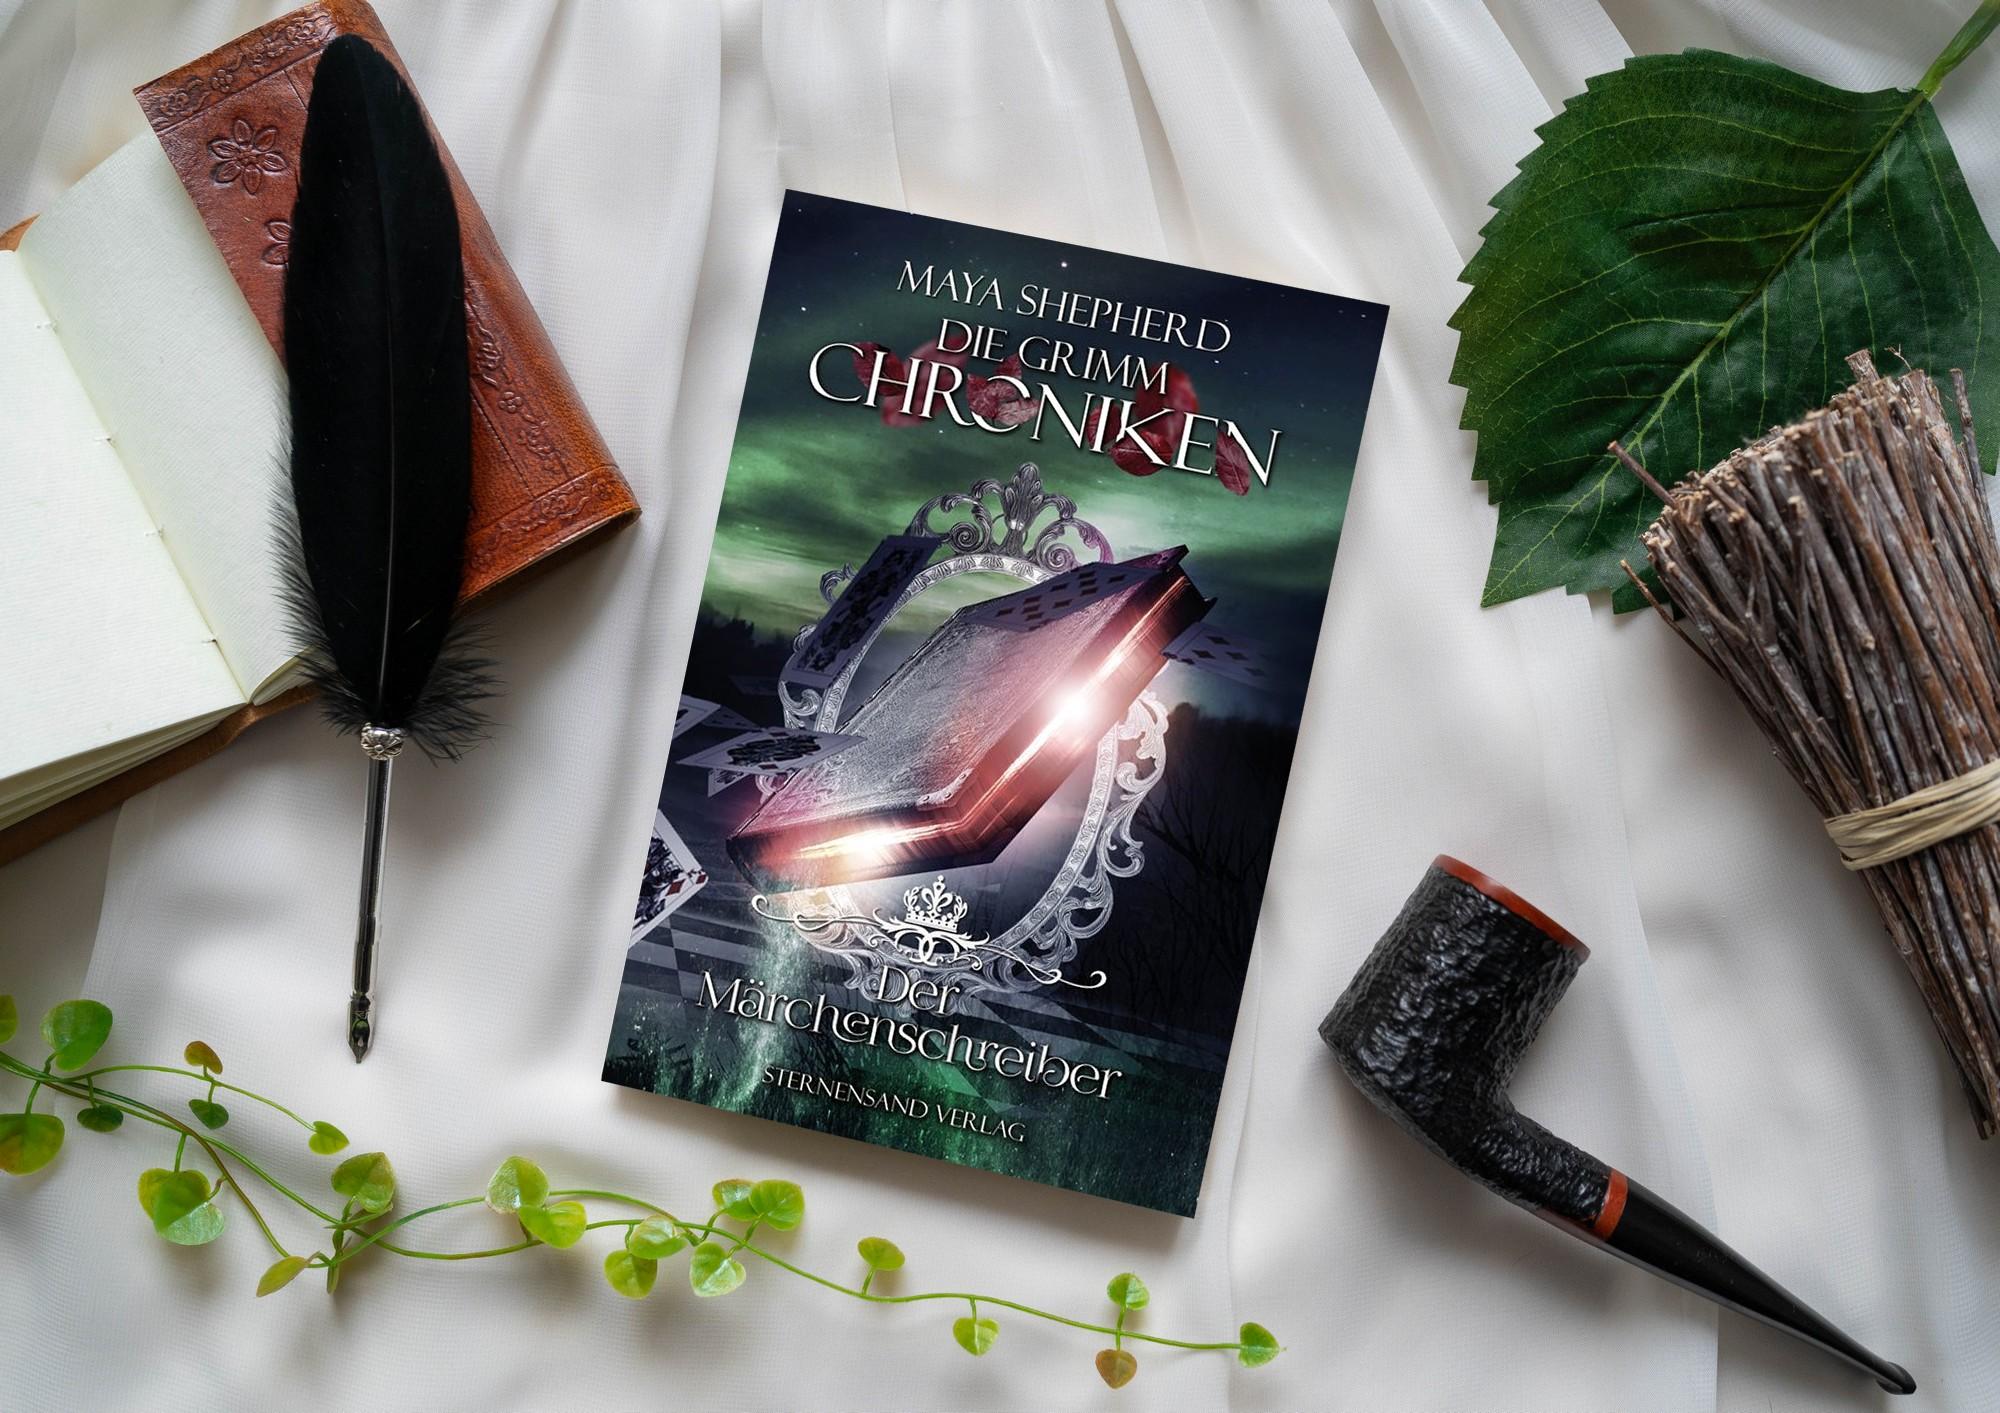 Die Grimm-Chroniken: Der Märchenschreiber – Maya Shepherd graphic